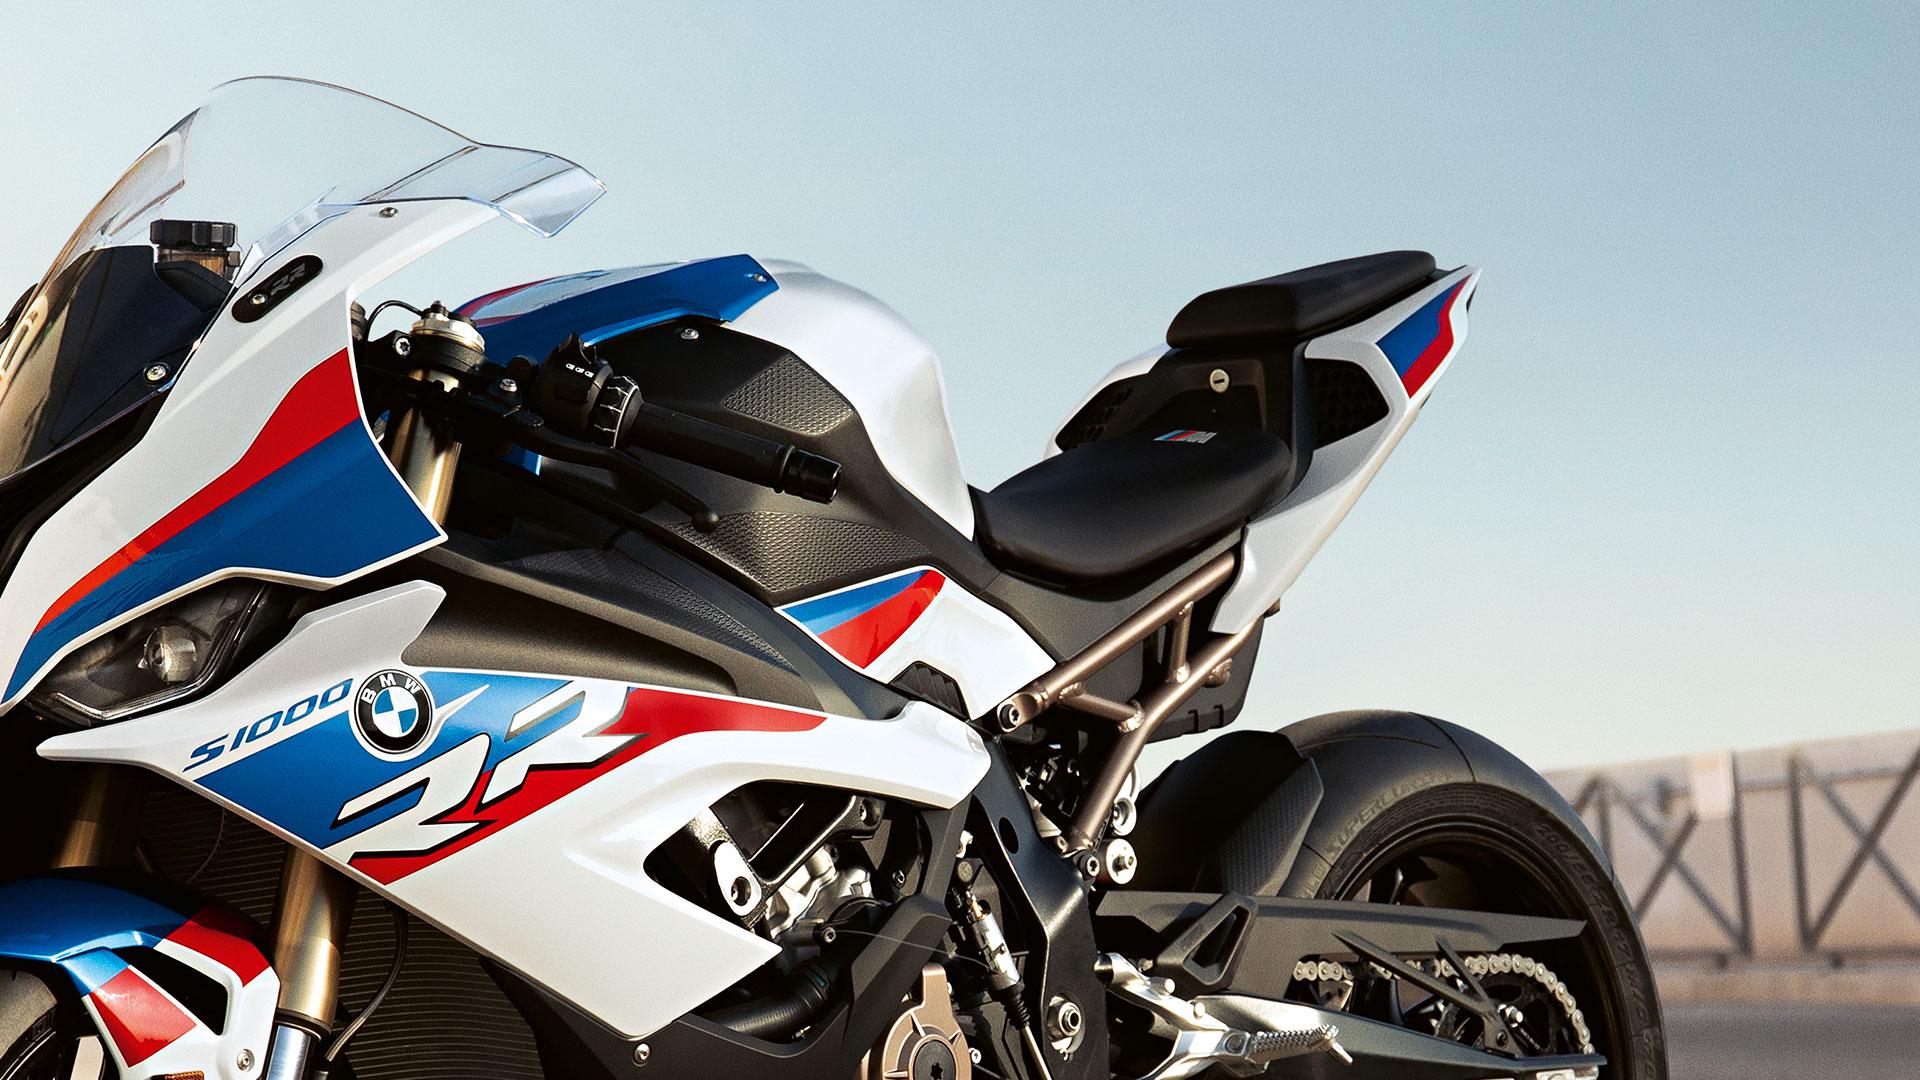 S 1000 Rr Bmw Motorrad Bmw Motorrad Uk